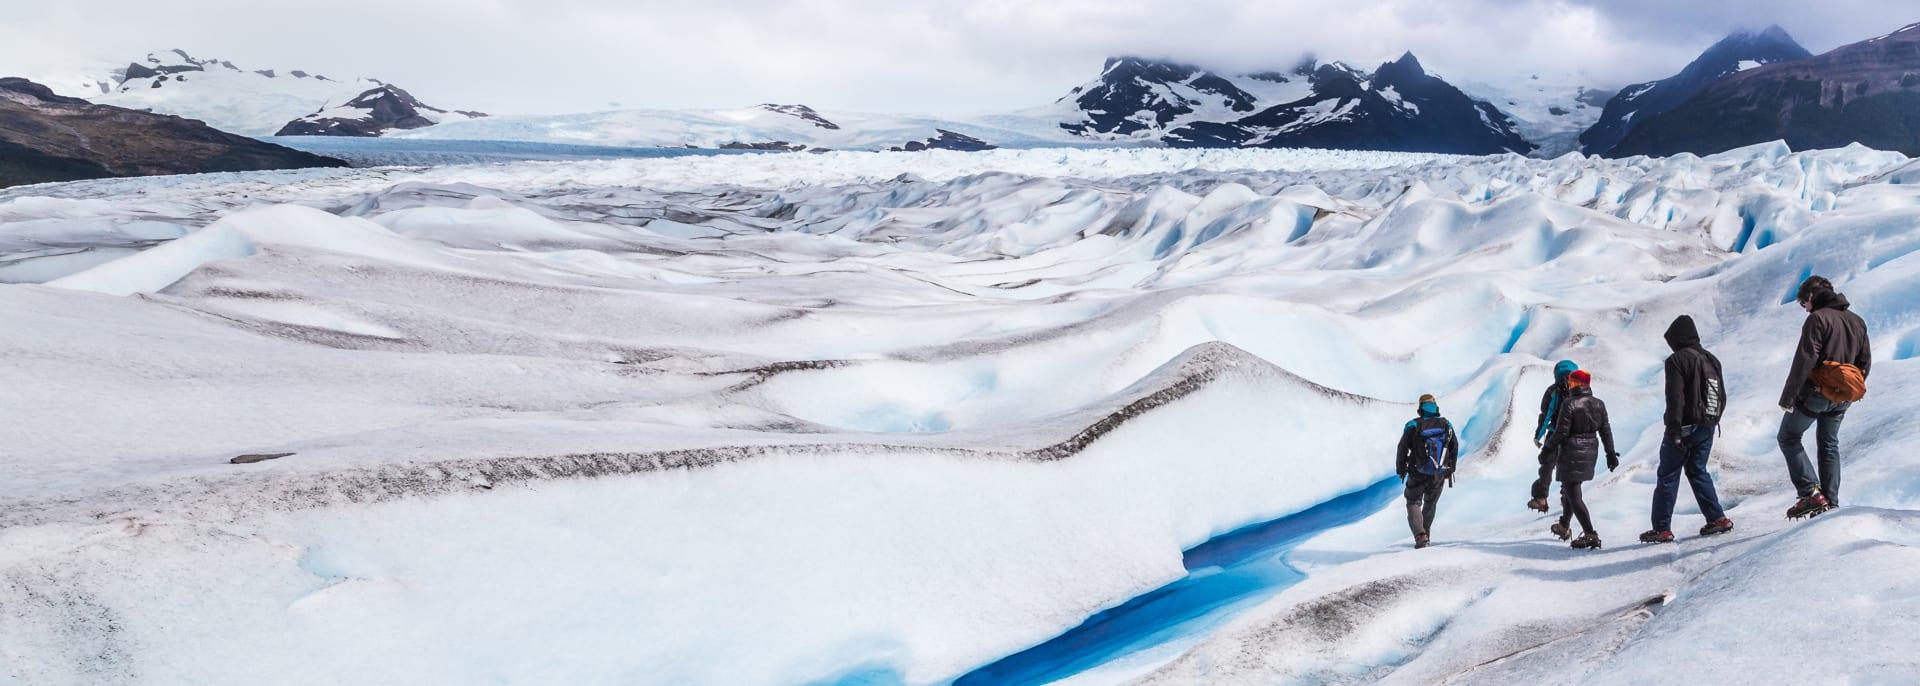 Gletscherwanderung, Moreno Gletscher, Argentinien